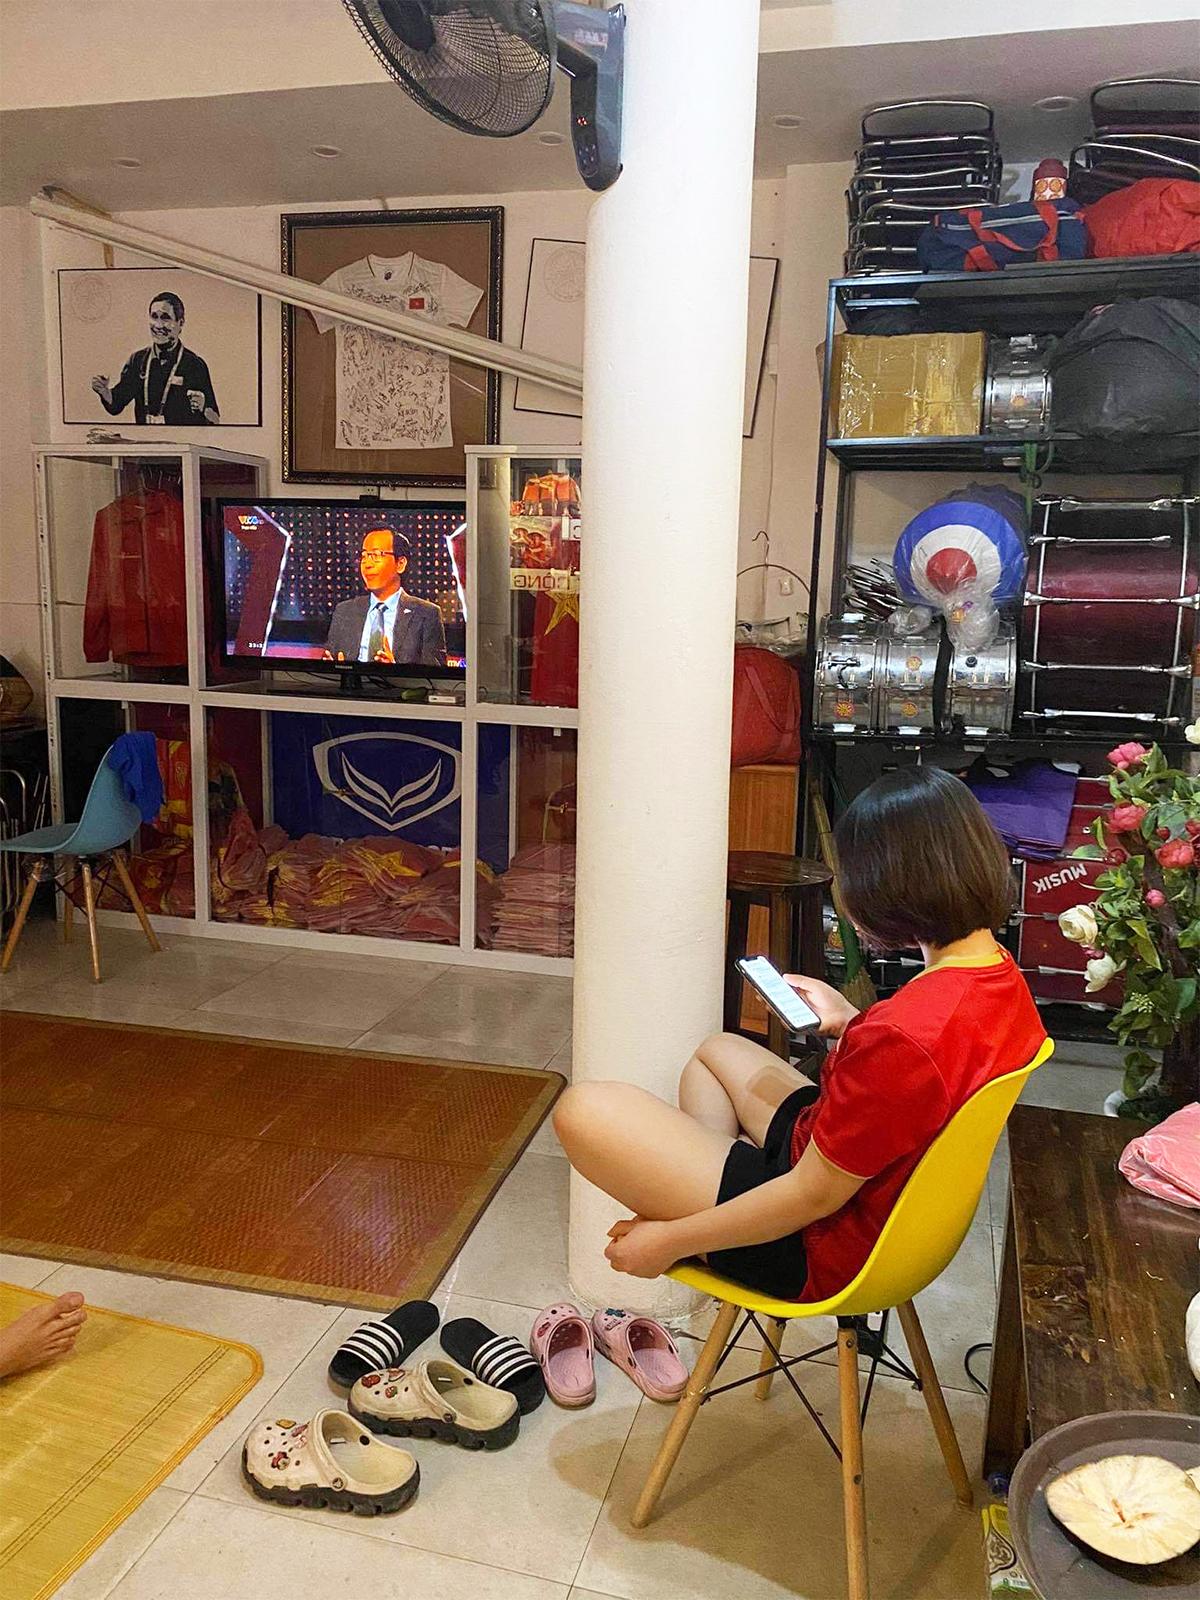 Việt Nam thắng Indonesia 4-0 giữa mùa dịch: Người đeo khẩu trang, người đóng cửa cổ vũ - hình ảnh 4